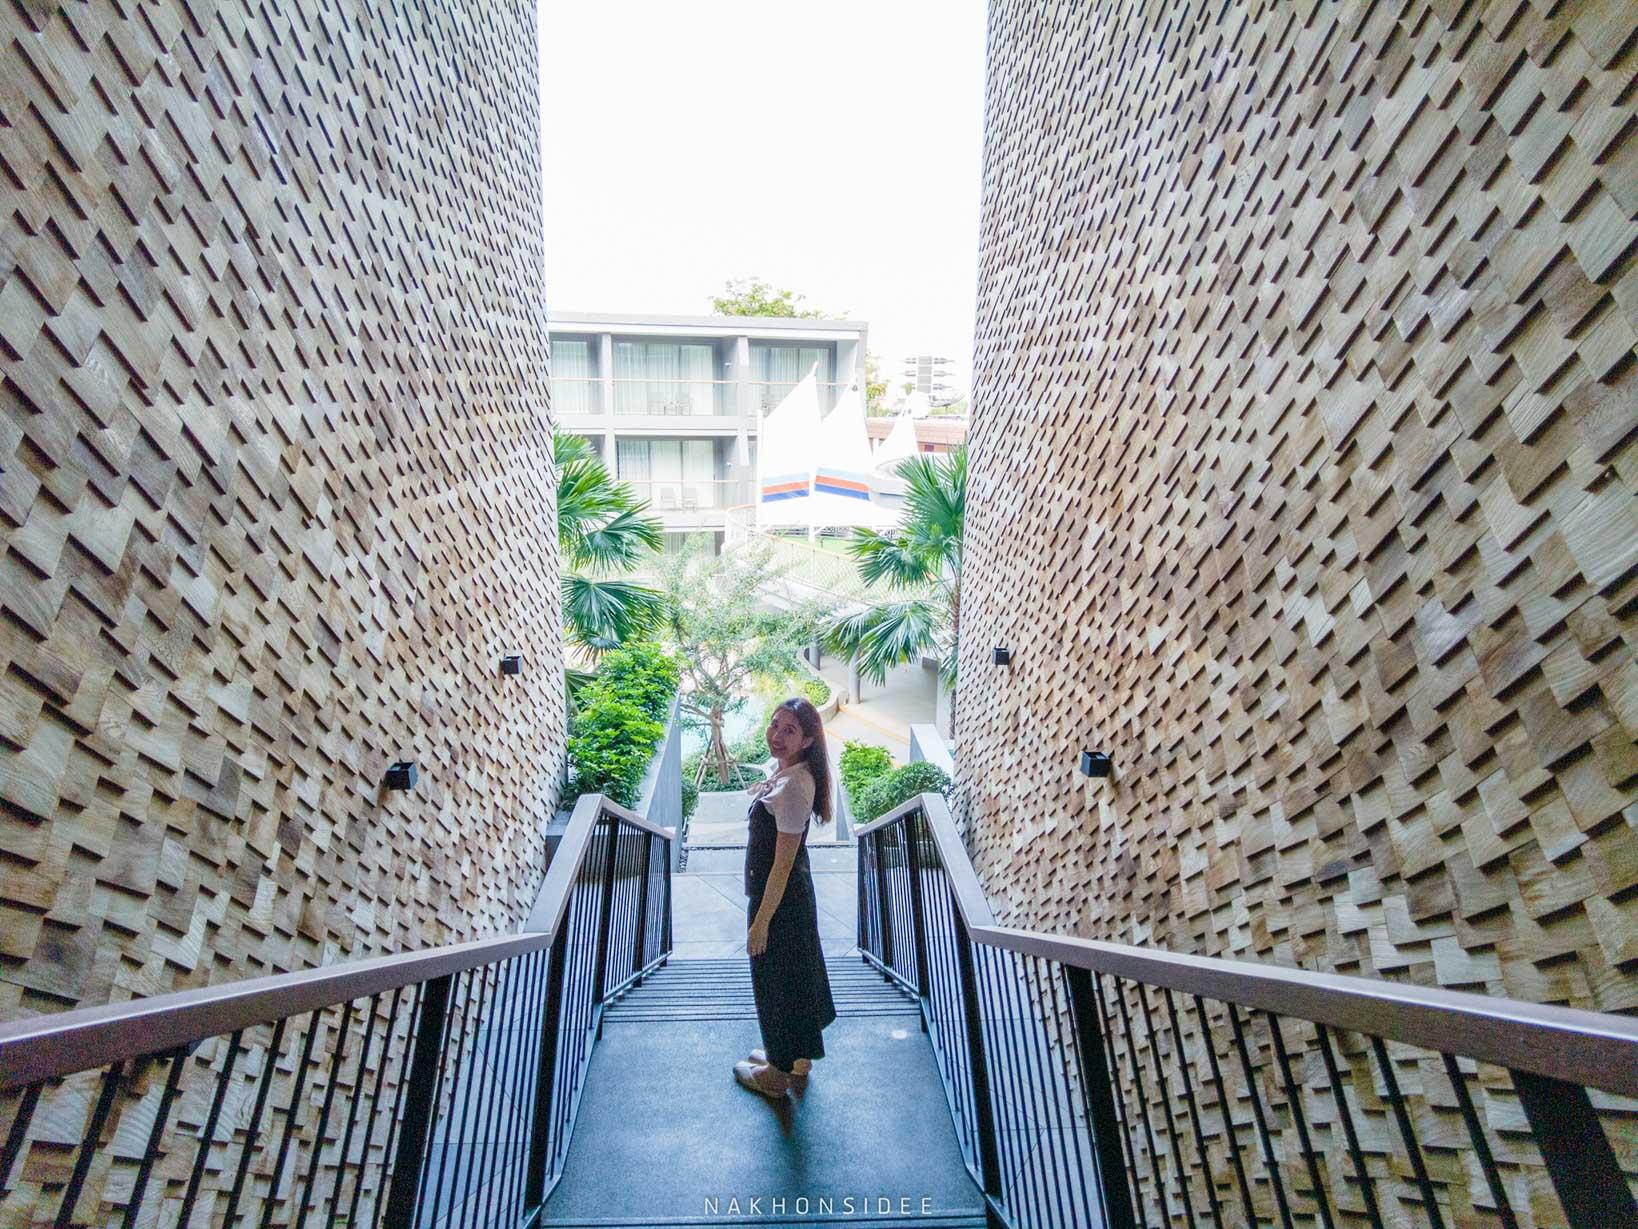 อันนี้ก็โซนถ่ายรูปปังงง  thesis,kata,ที่พักภูเก็ต,phuket,หาดกะตะ,เดอะซิสภูเก็ต